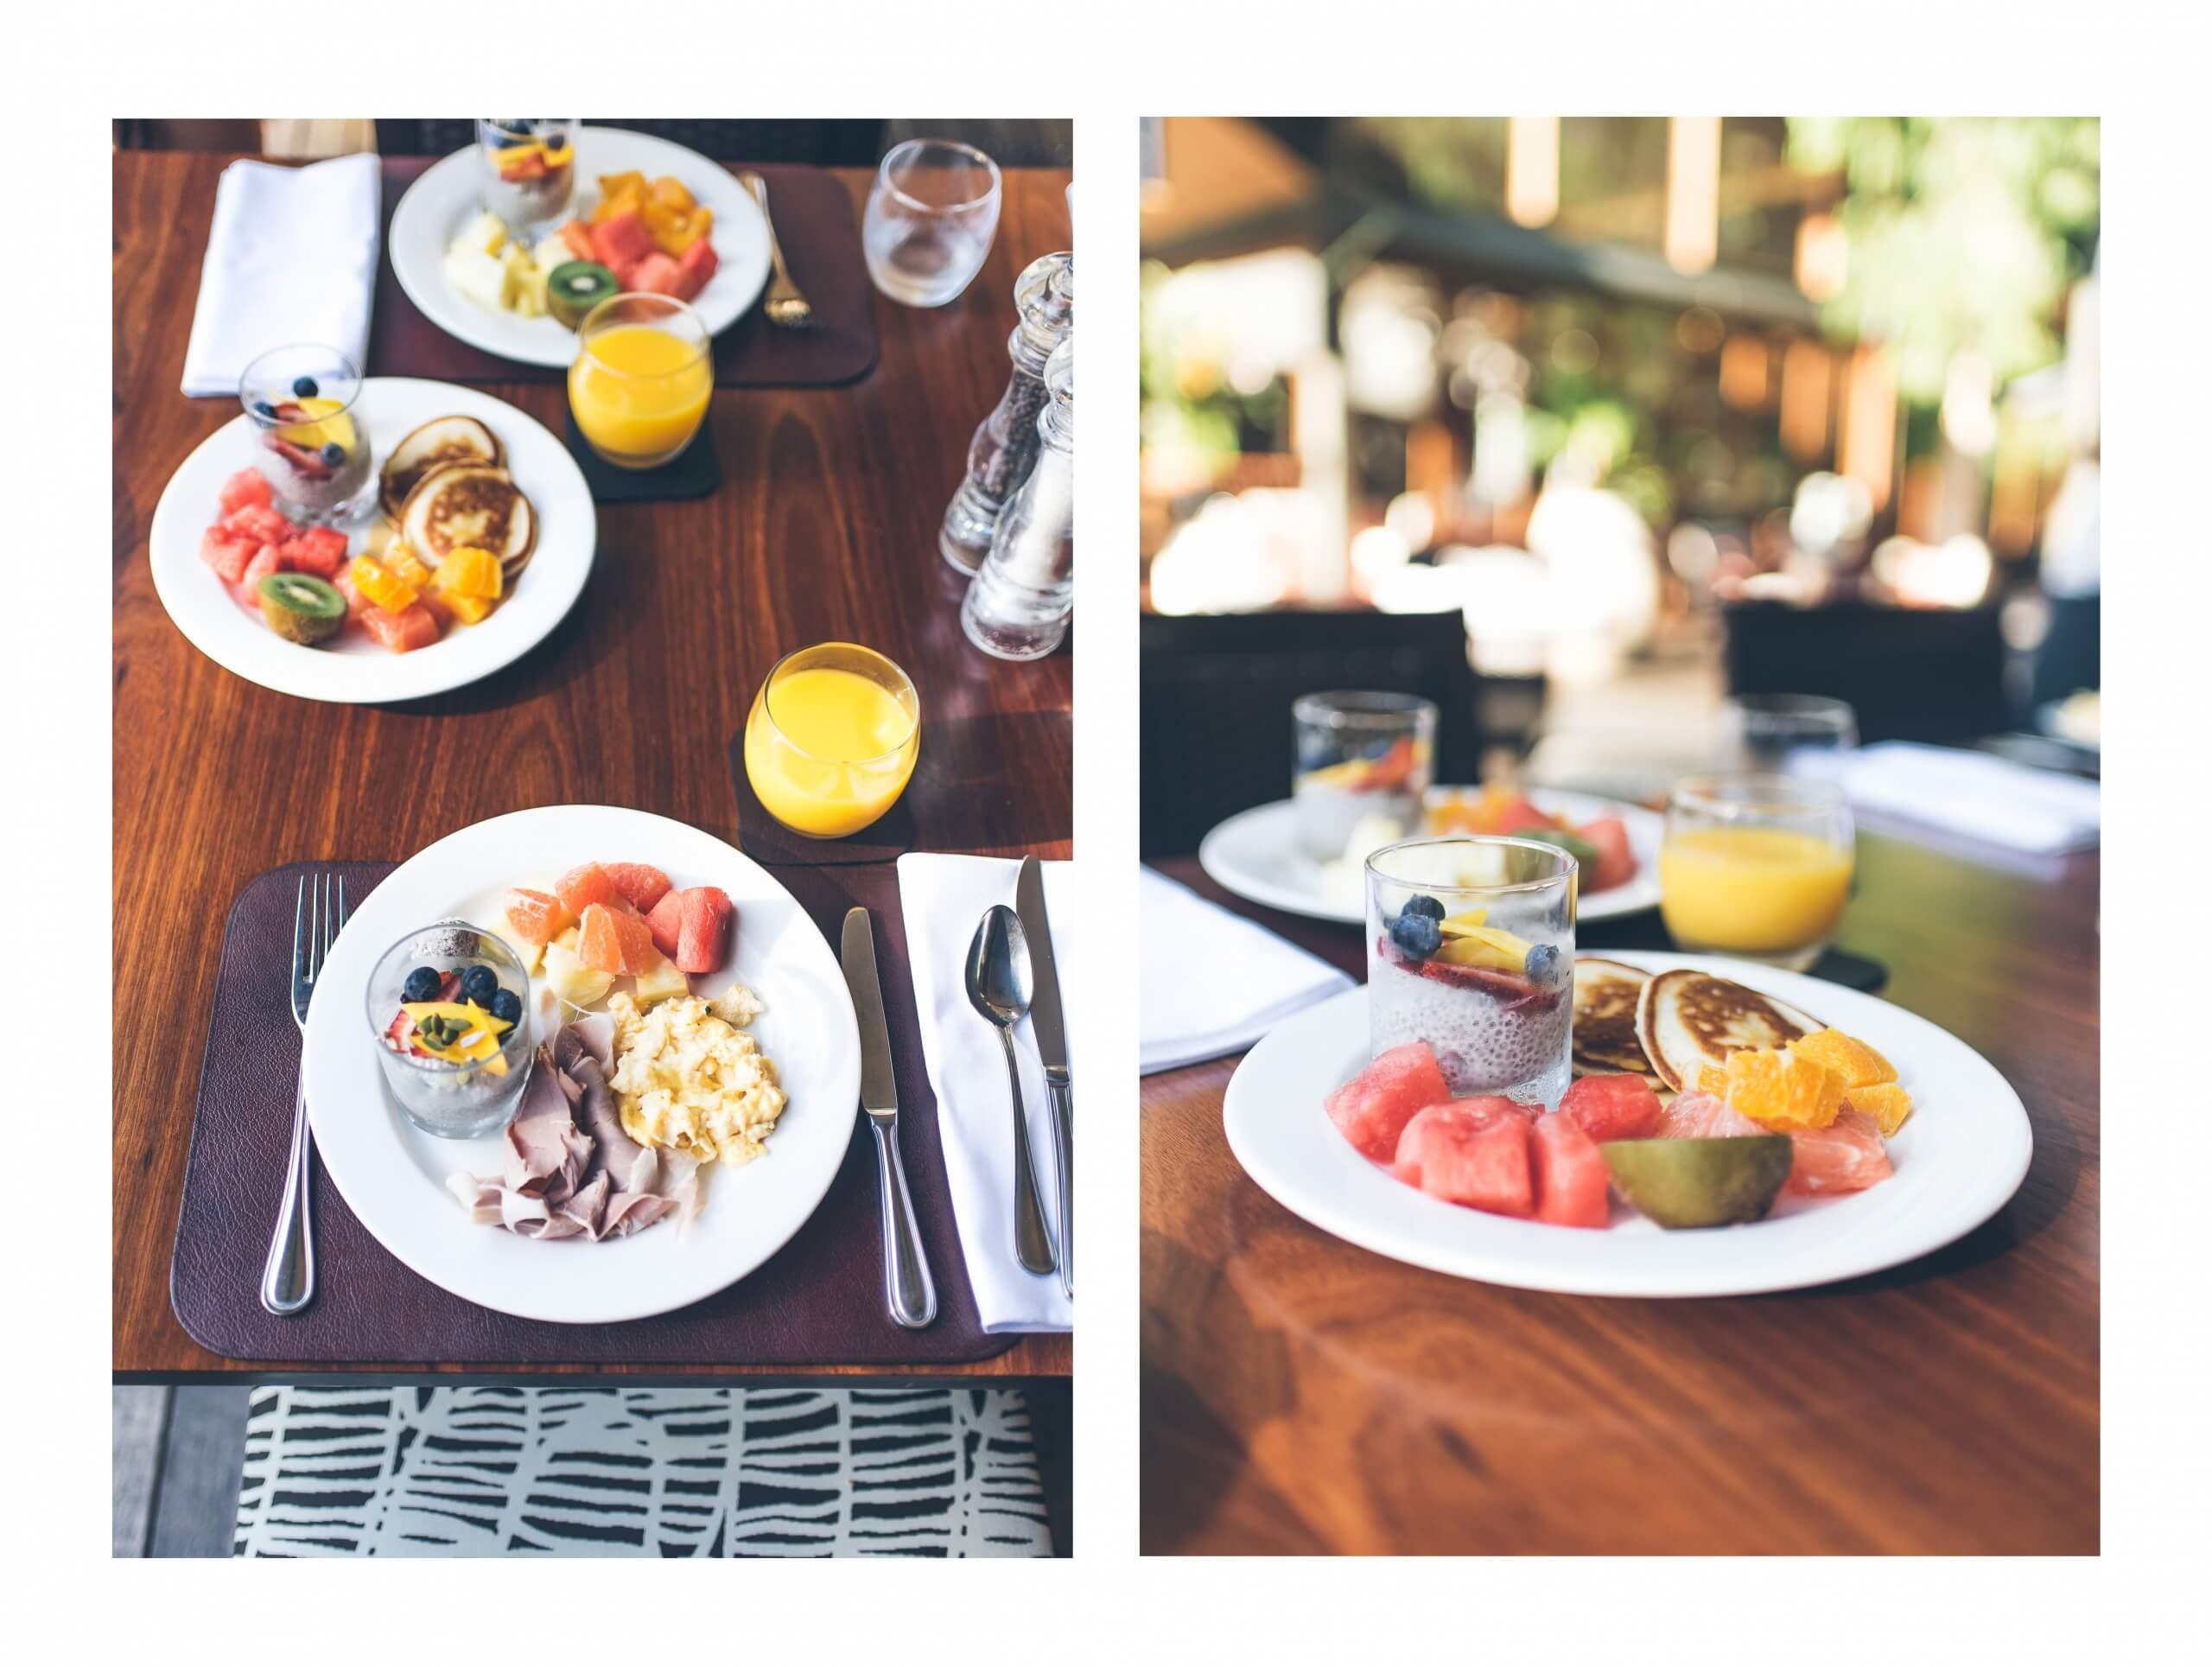 janni-deler-aussie-breakfastDSC_3106 copy